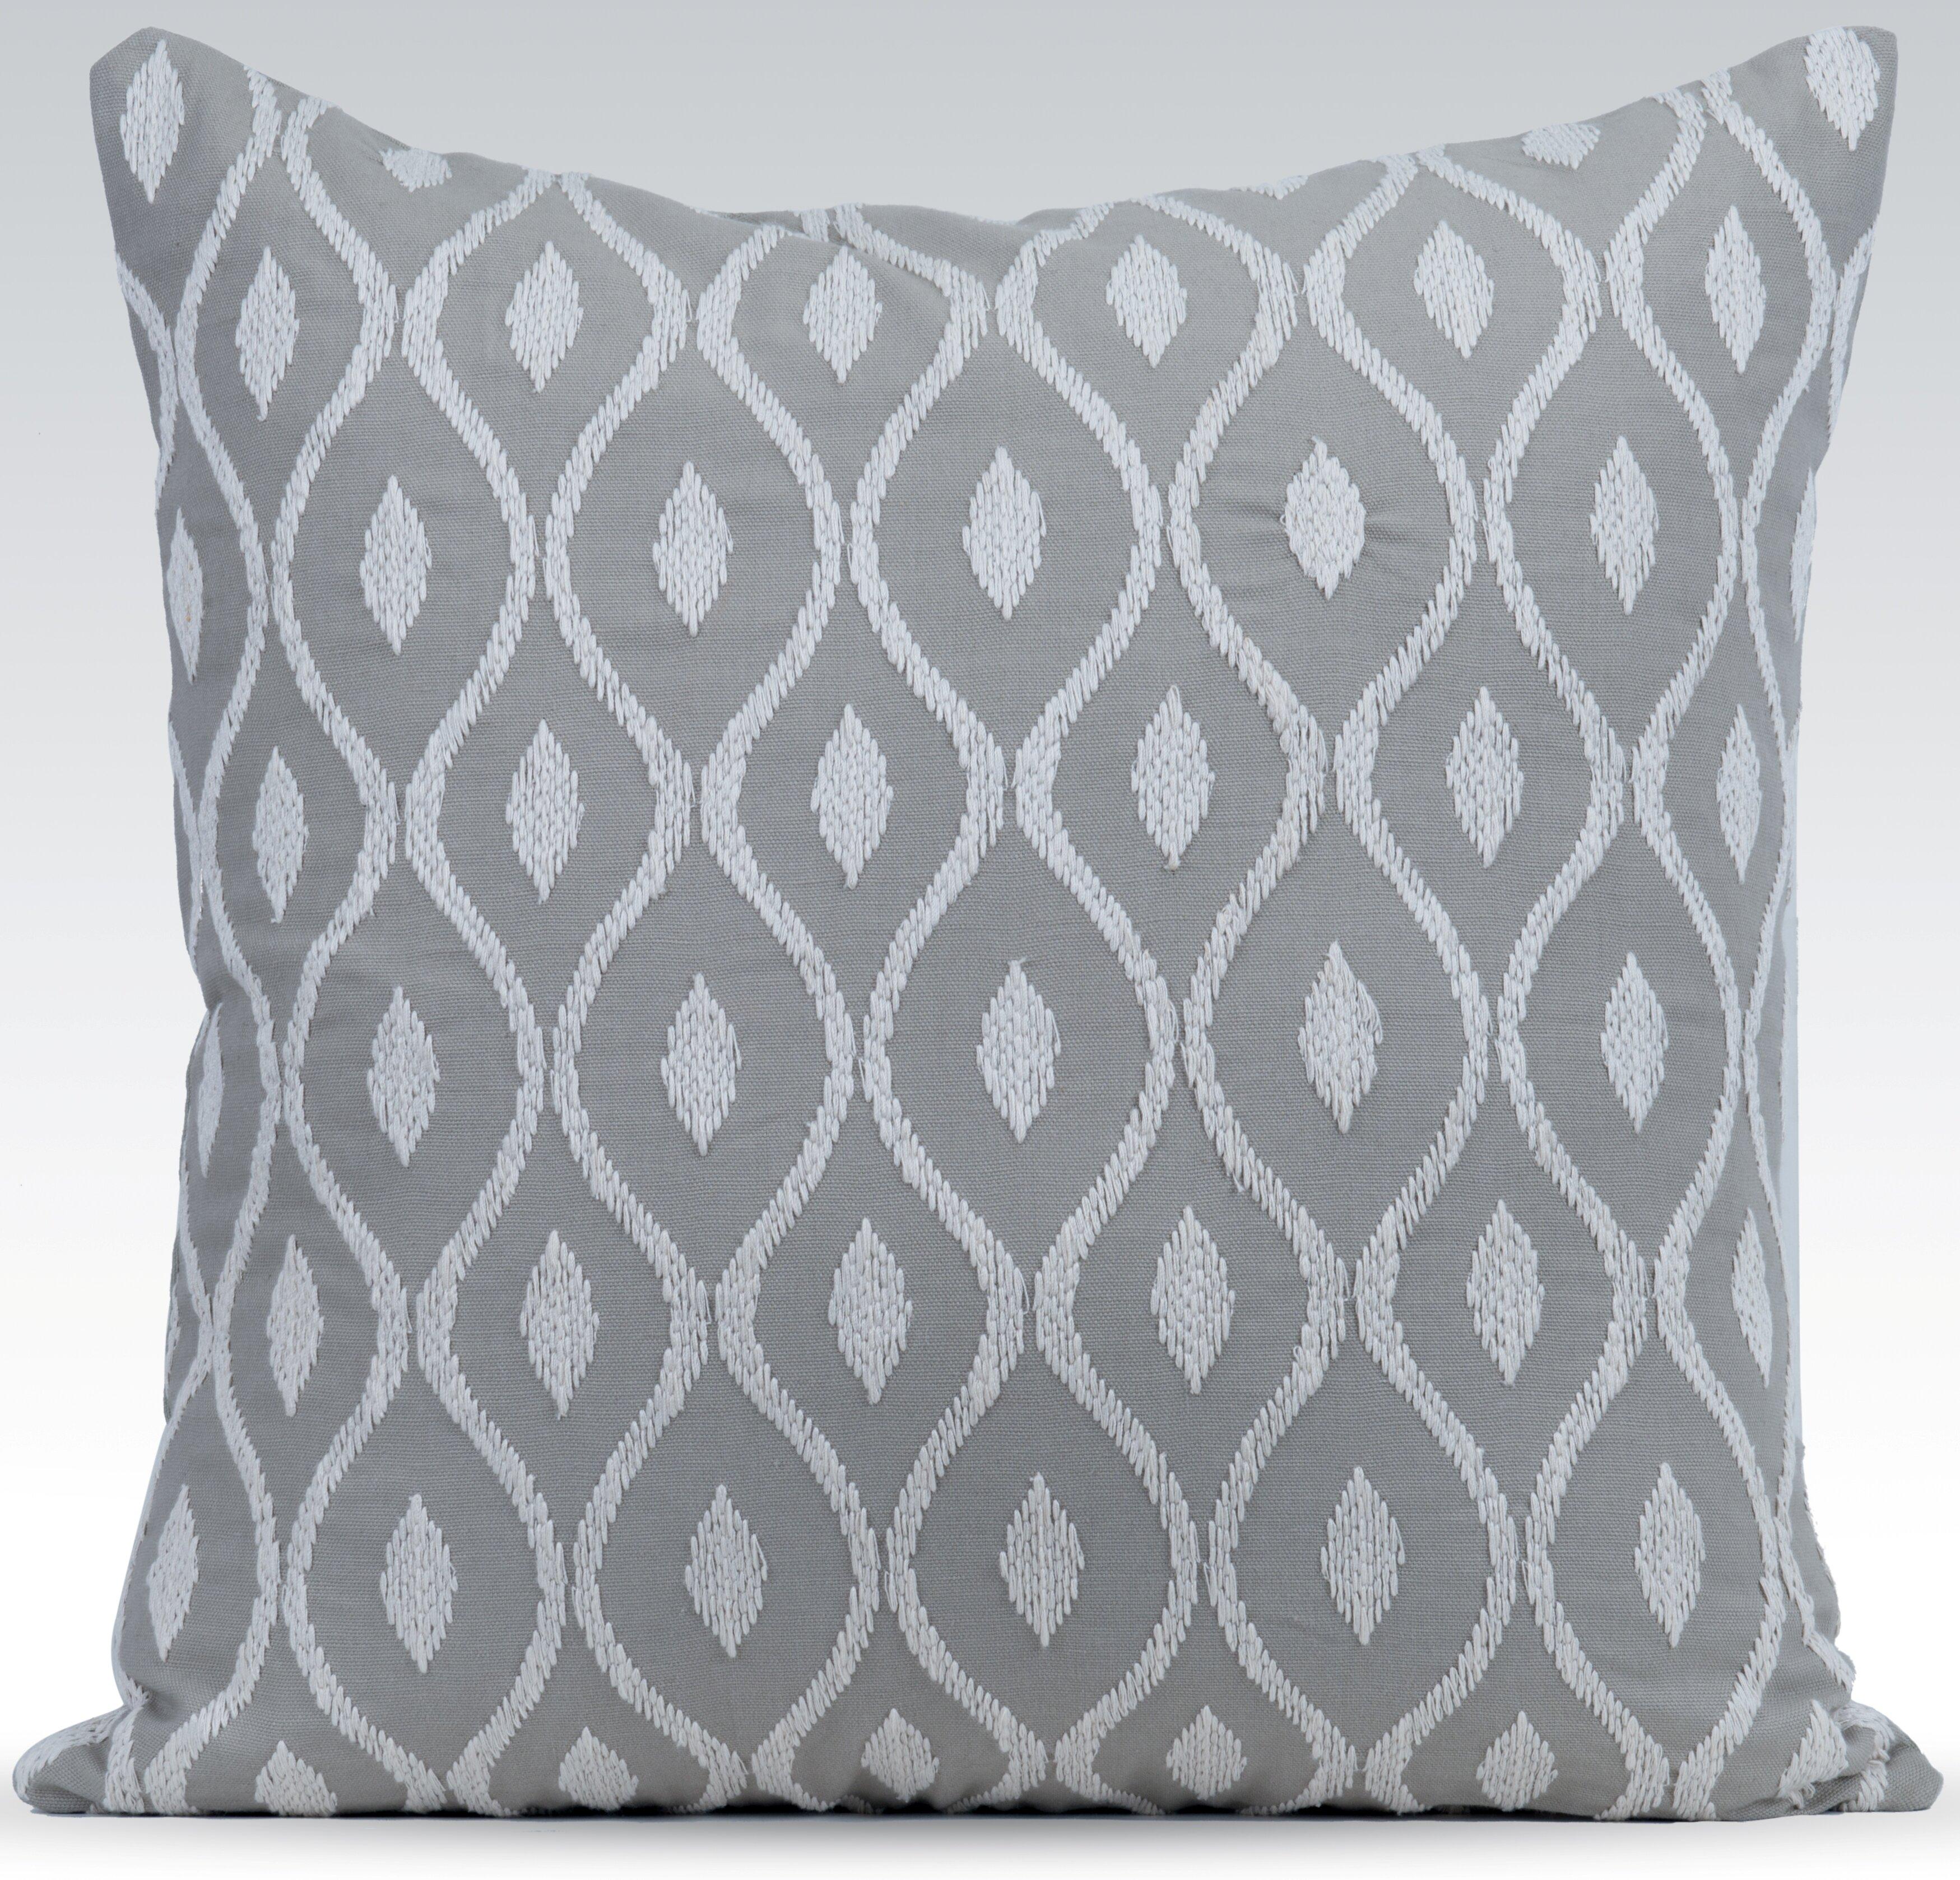 Gracious Living Aesthetic Throw Pillow Wayfair